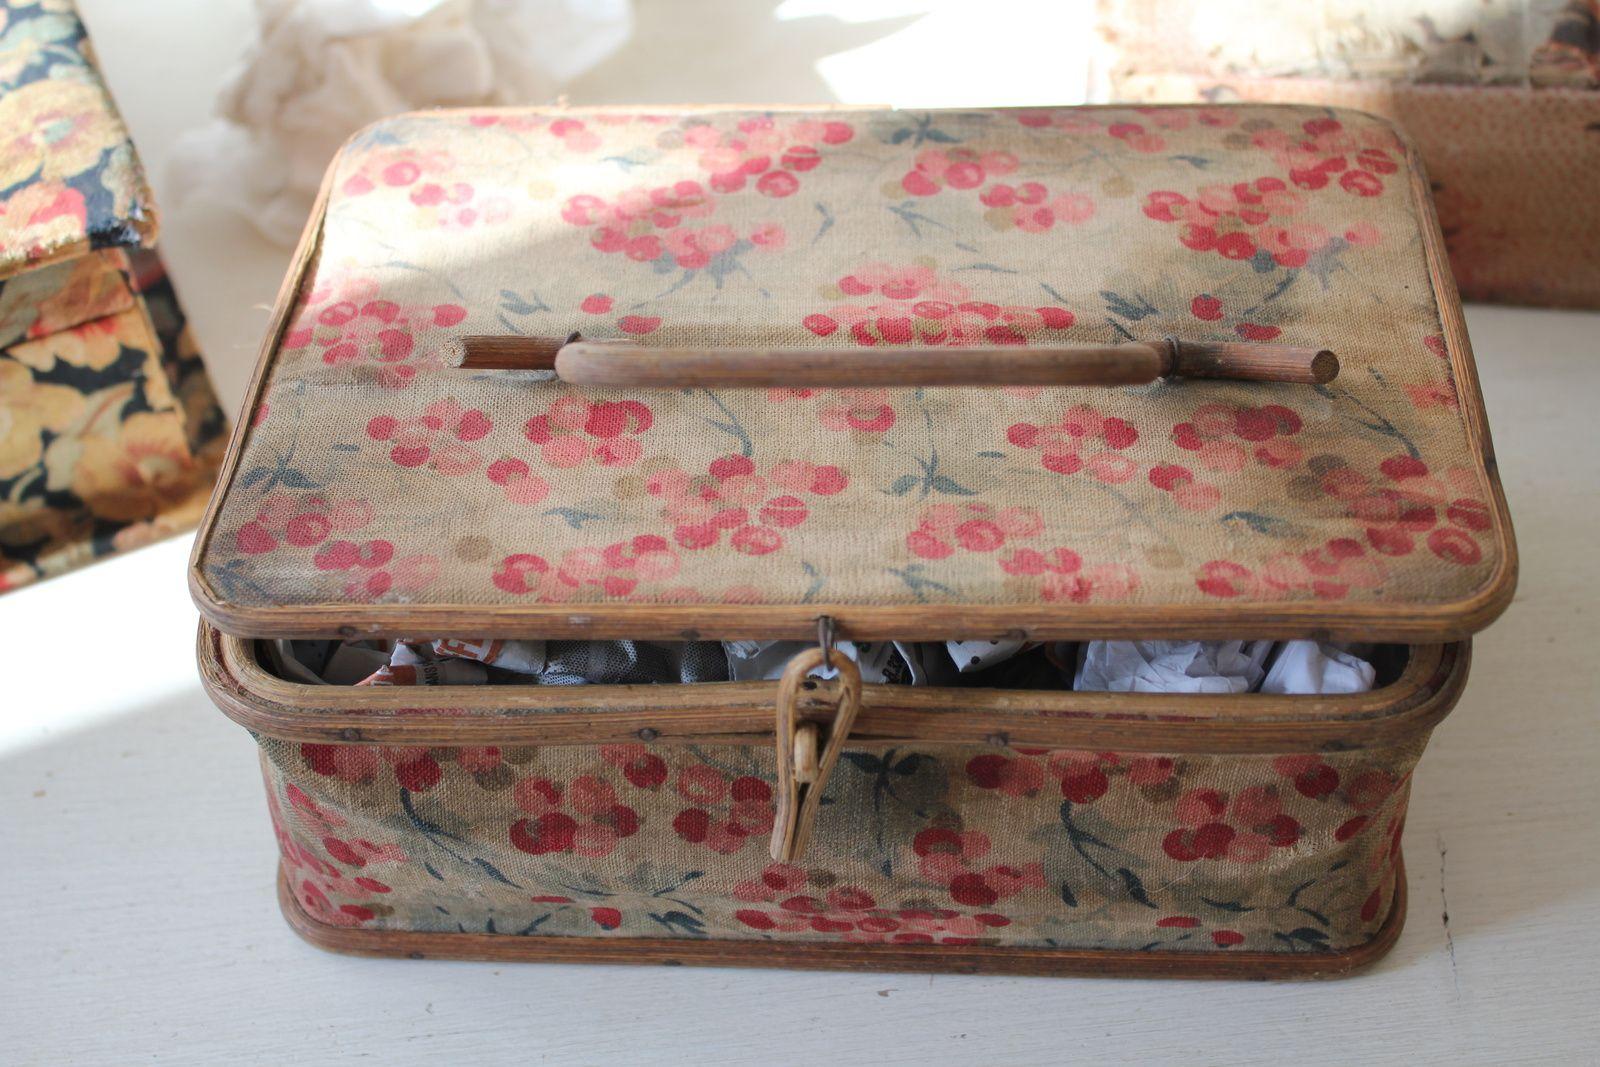 Des exemples de restauration, sur des boîtes en tissu sales, gondolées ou déchirées et des boîtes en carton dont les angles étaient ouverts. Je n'ai pas résisté au plaisir de vous montrer mes habituels avant/après...